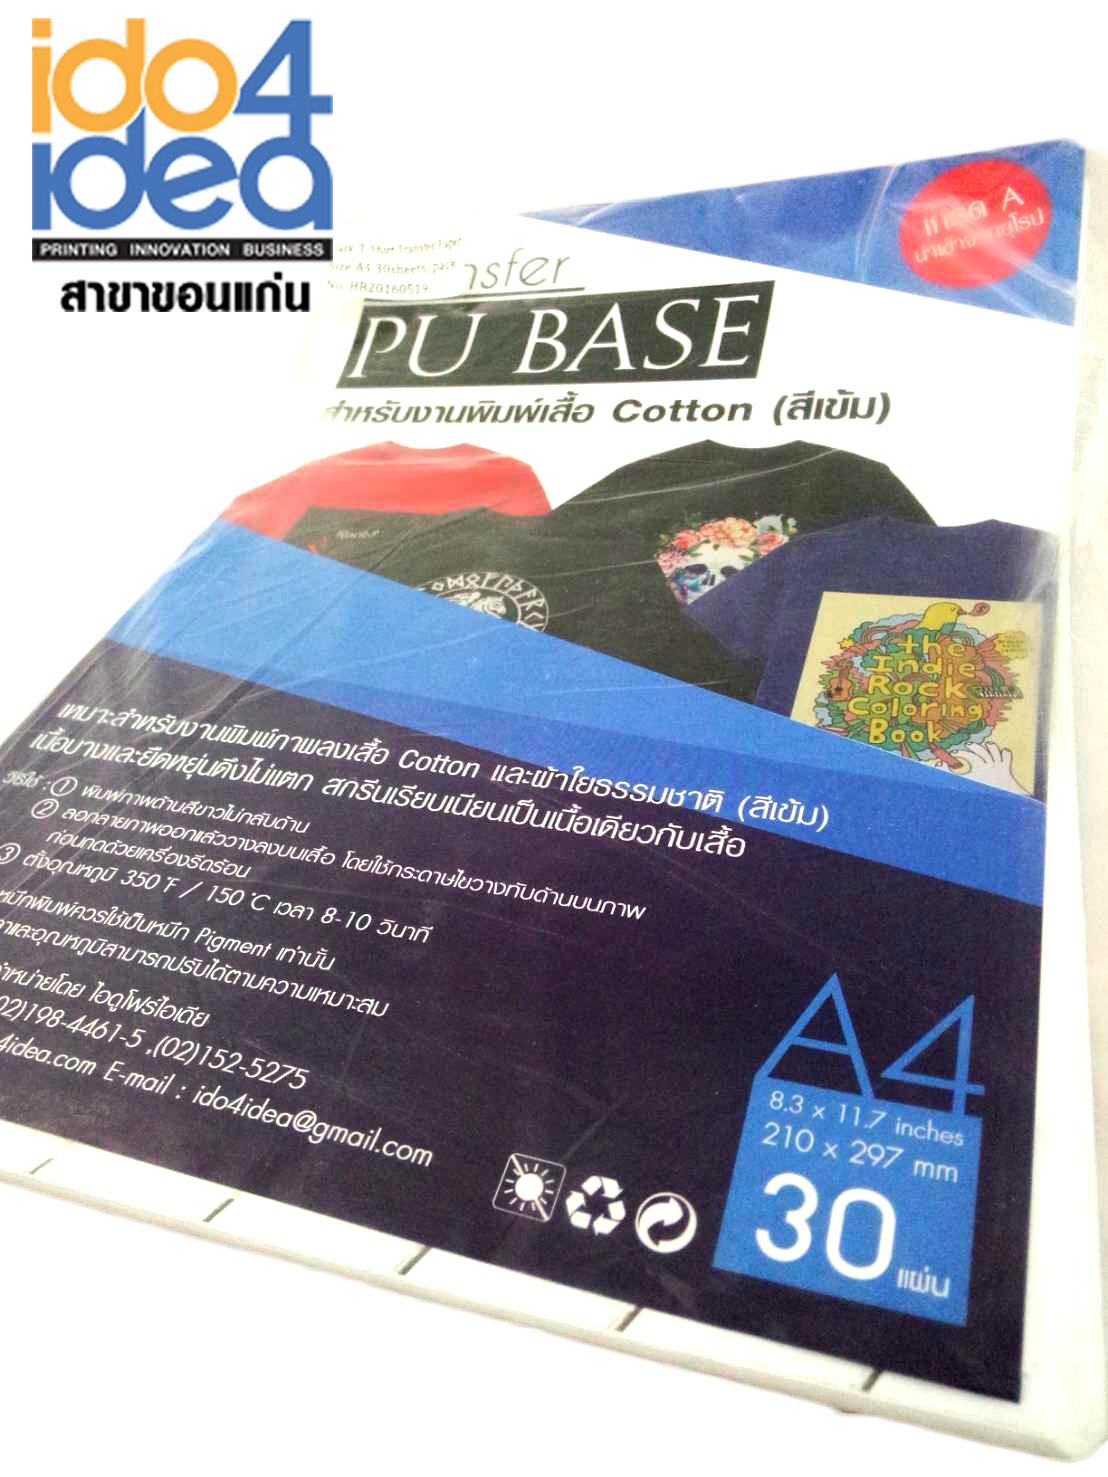 กระดาษทรานเฟอร์ เสื้อสีเข้มรุ่น Pu Base ขนาด A3